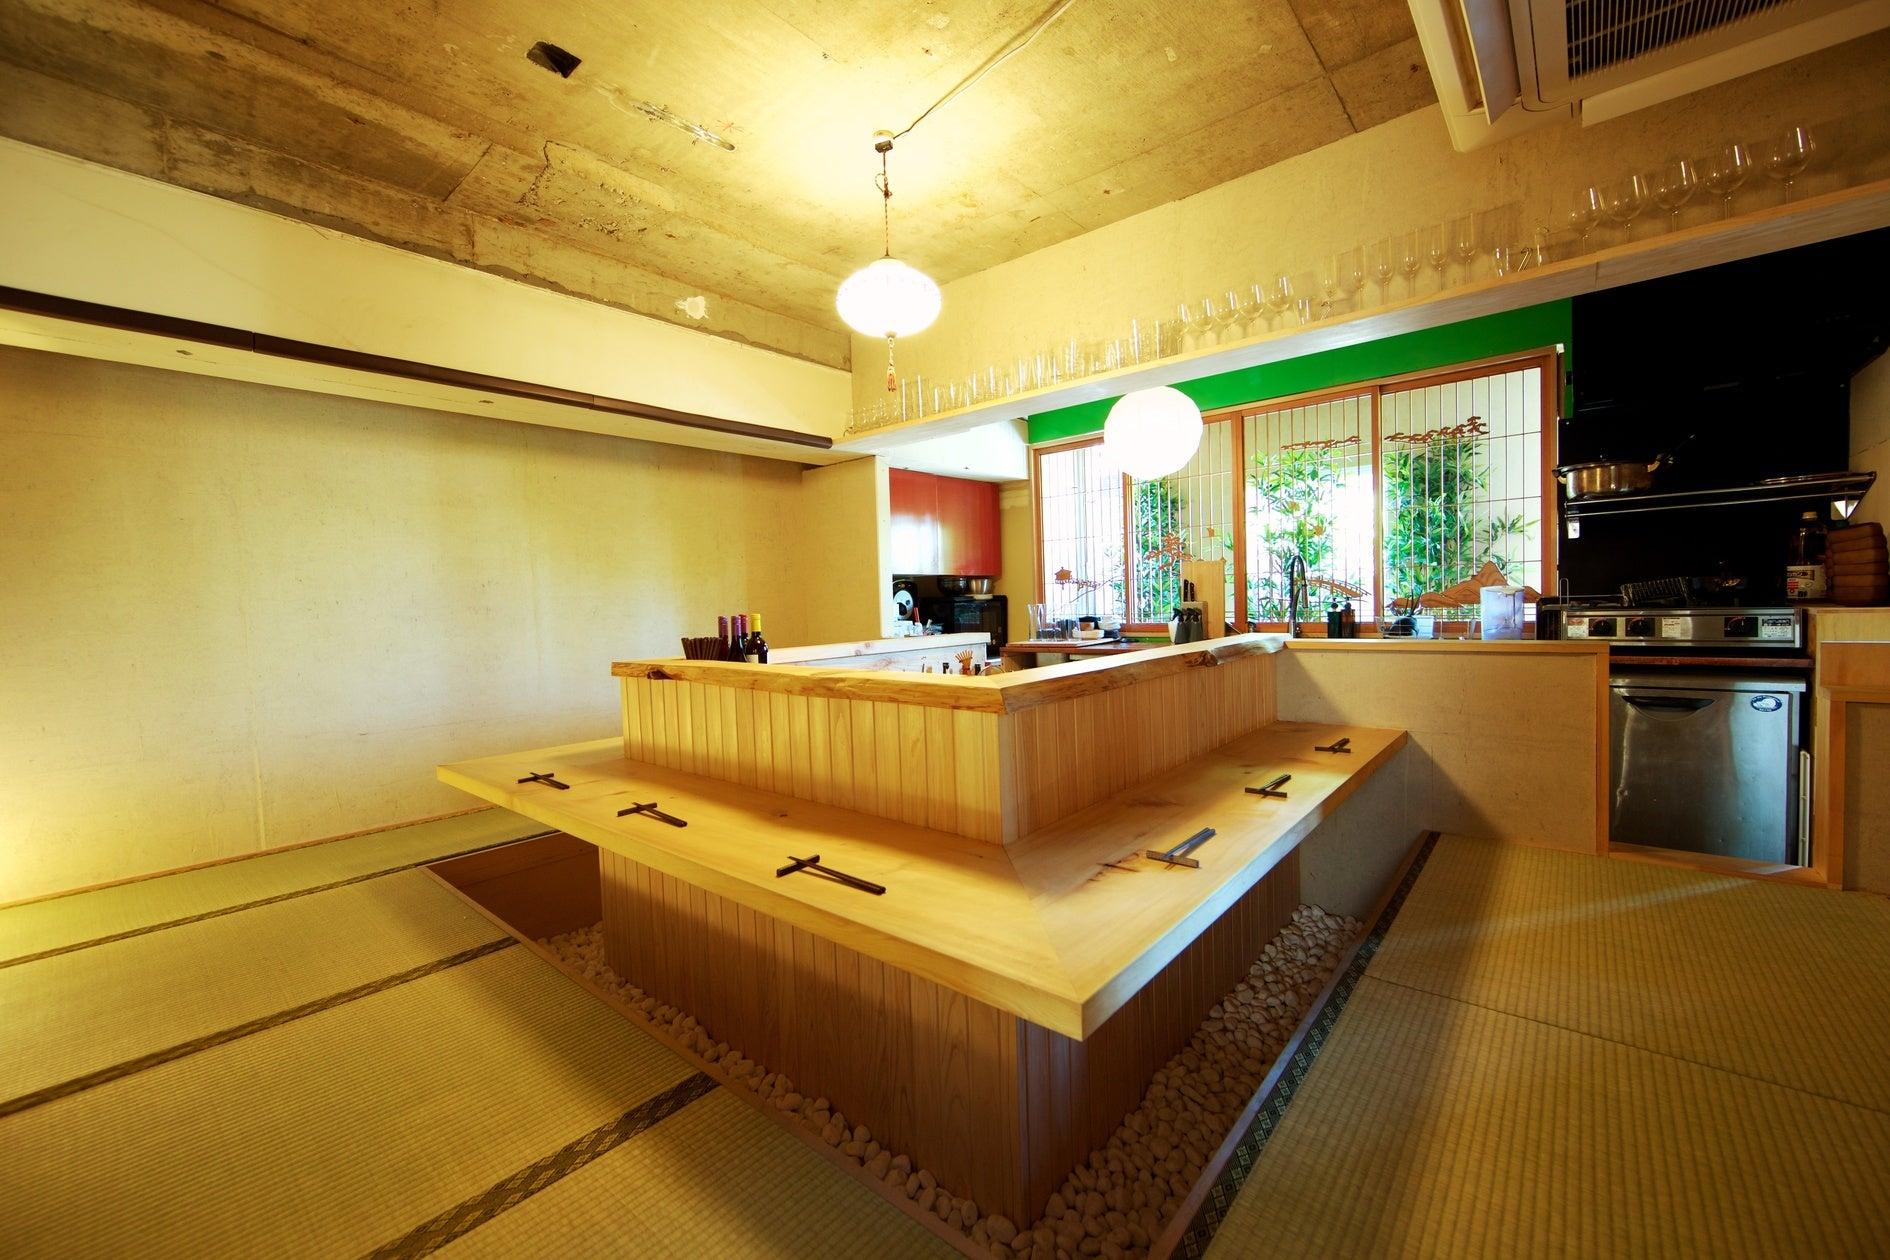 【渋谷、原宿、キャットストリート、神宮前】TATAMIデザイン!!非日常を体験する。 の写真